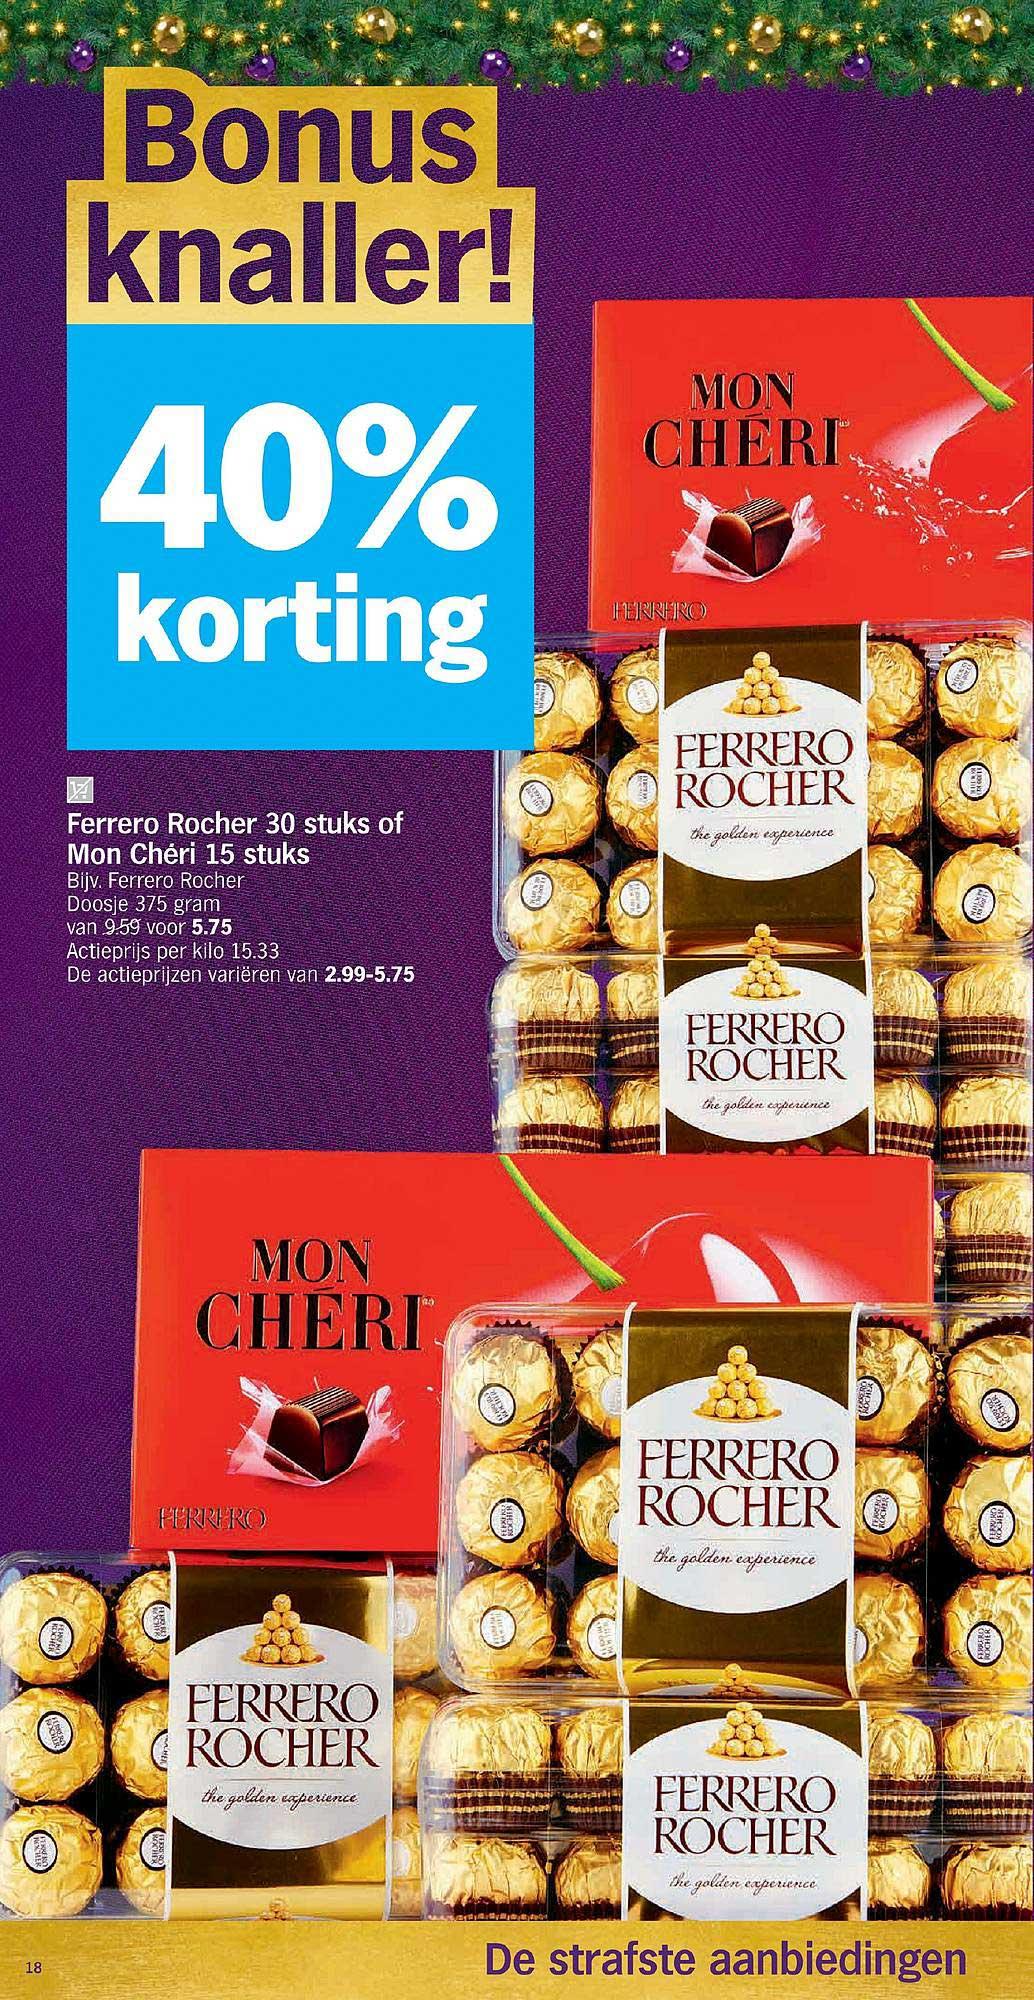 Albert Heijn 40% Korting Ferrero Rocher 30 Stuks Of Mon Cheri